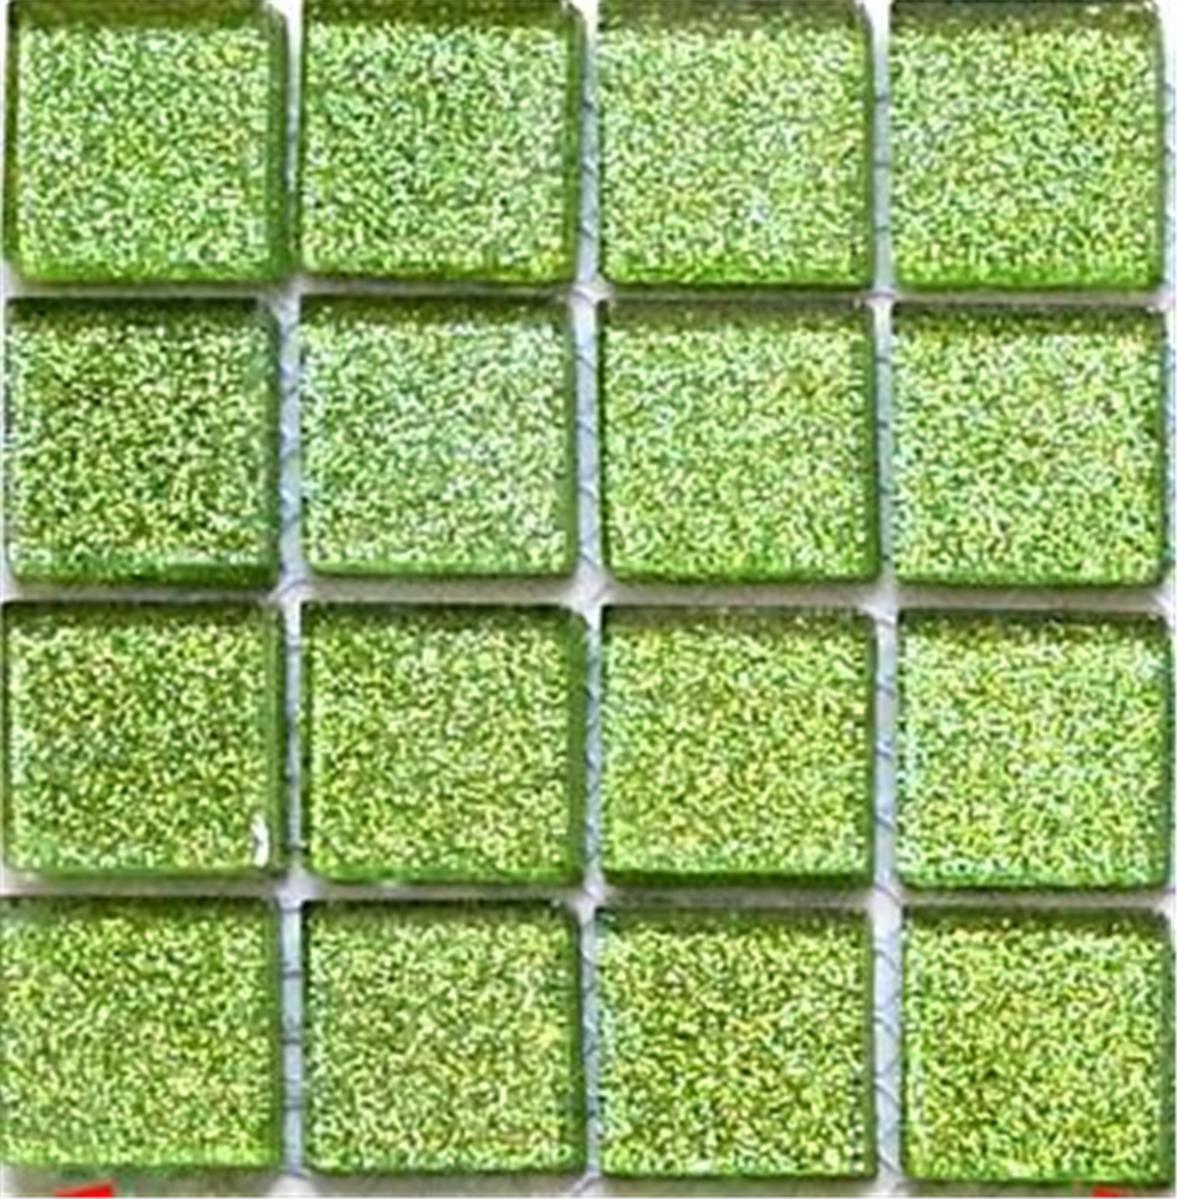 Grand taps shop gt mosaic tiles gt mosaic tile samples